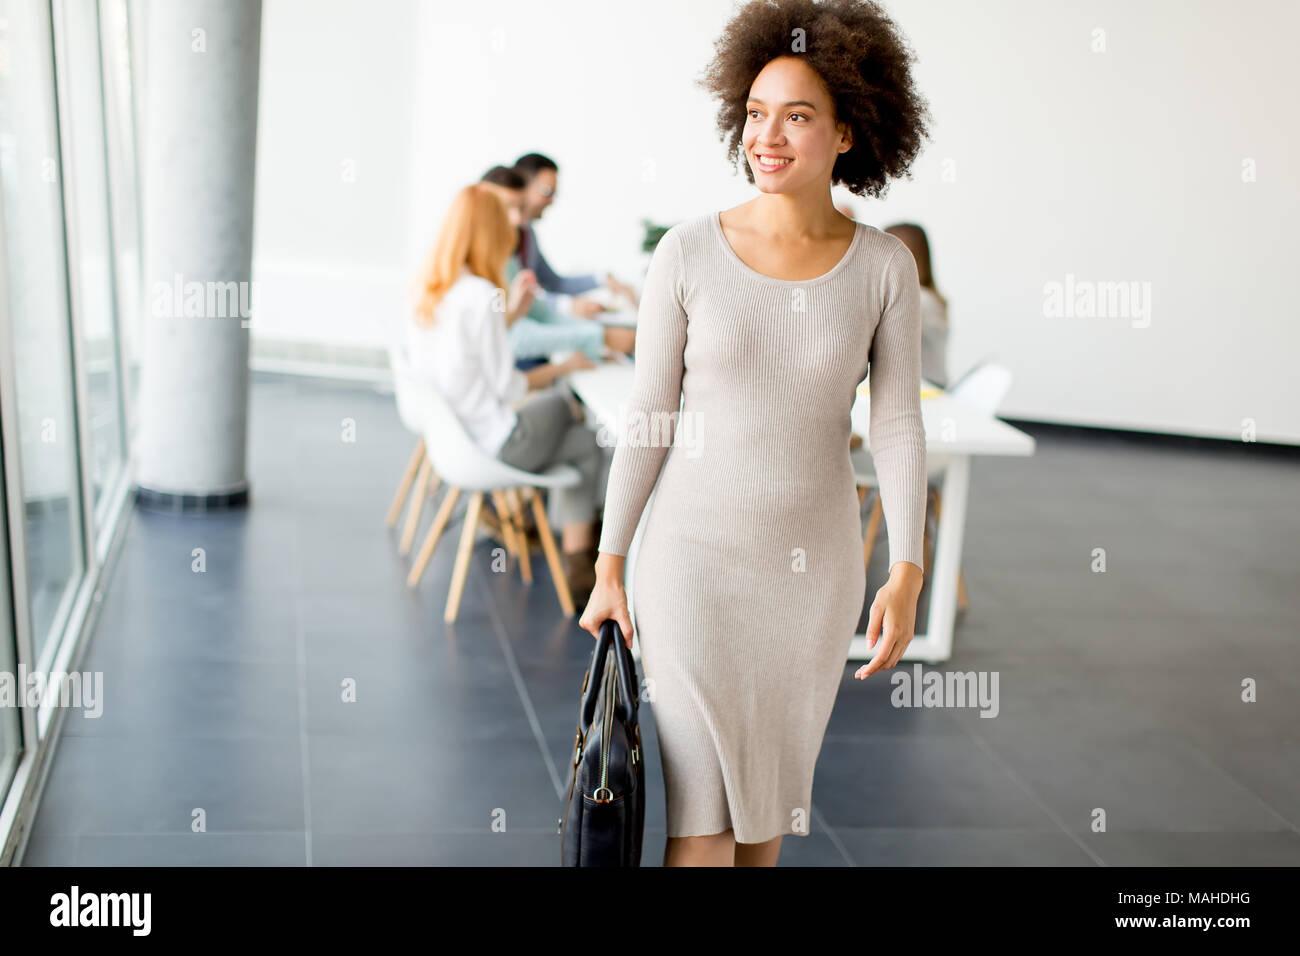 Blick auf Geschäft Leute diskutieren eine Strategie und Zusammenarbeit im Büro, während junge geschäftsfrau Ausscheiden aus dem Amt Stockbild